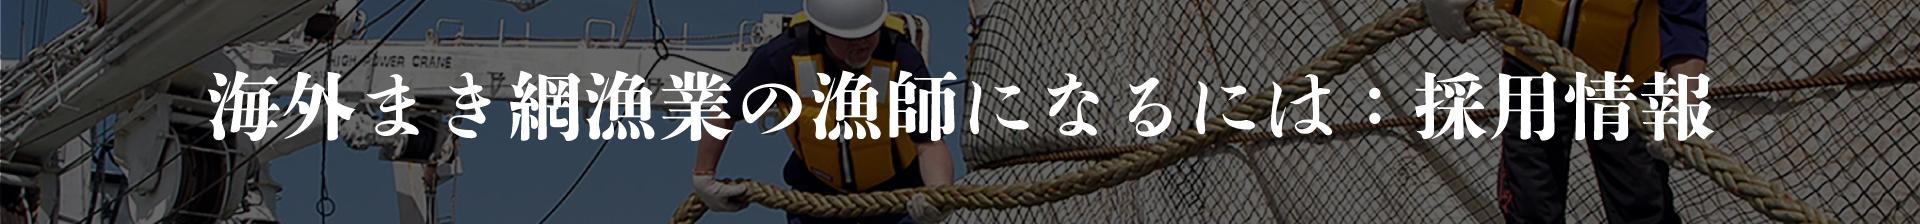 海外まき網漁業の漁師になるには:採用情報キャッチ